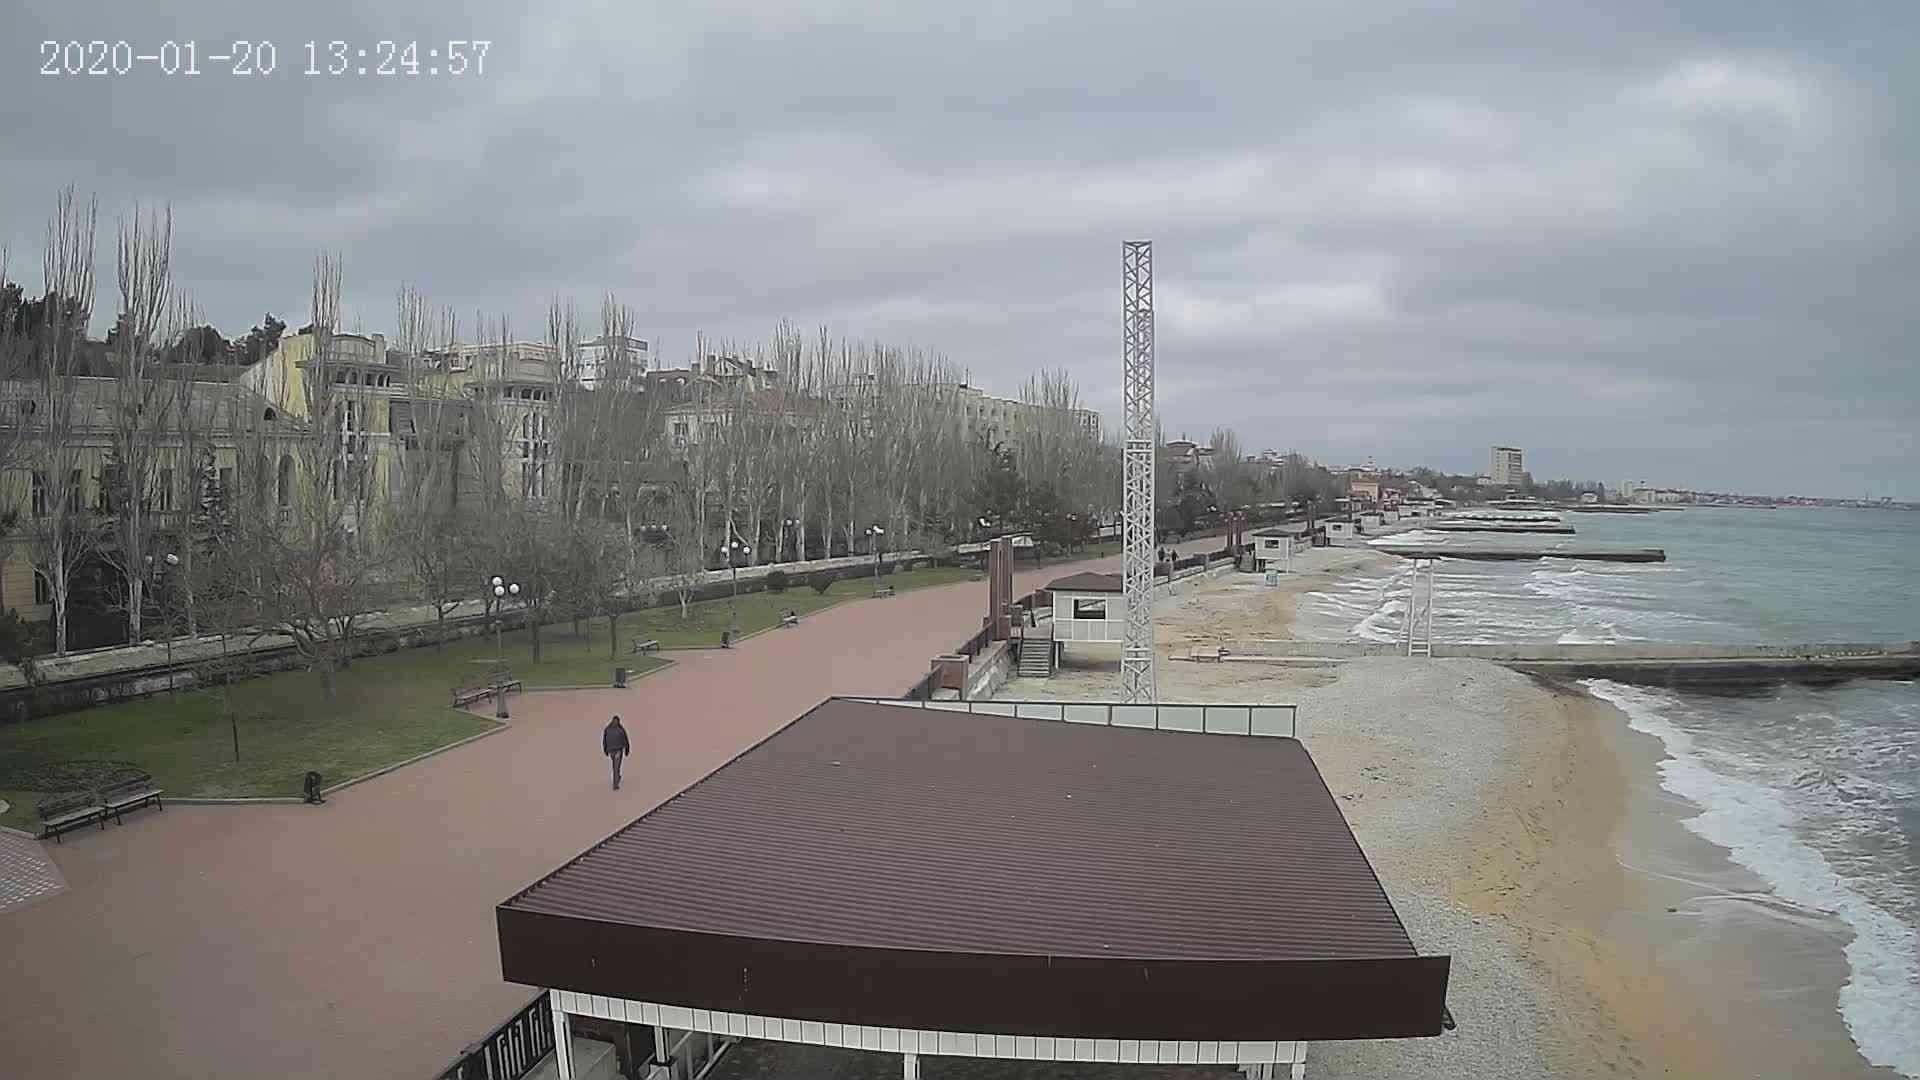 Веб-камеры Феодосии, Пляж Камешки, 2020-01-20 13:25:21